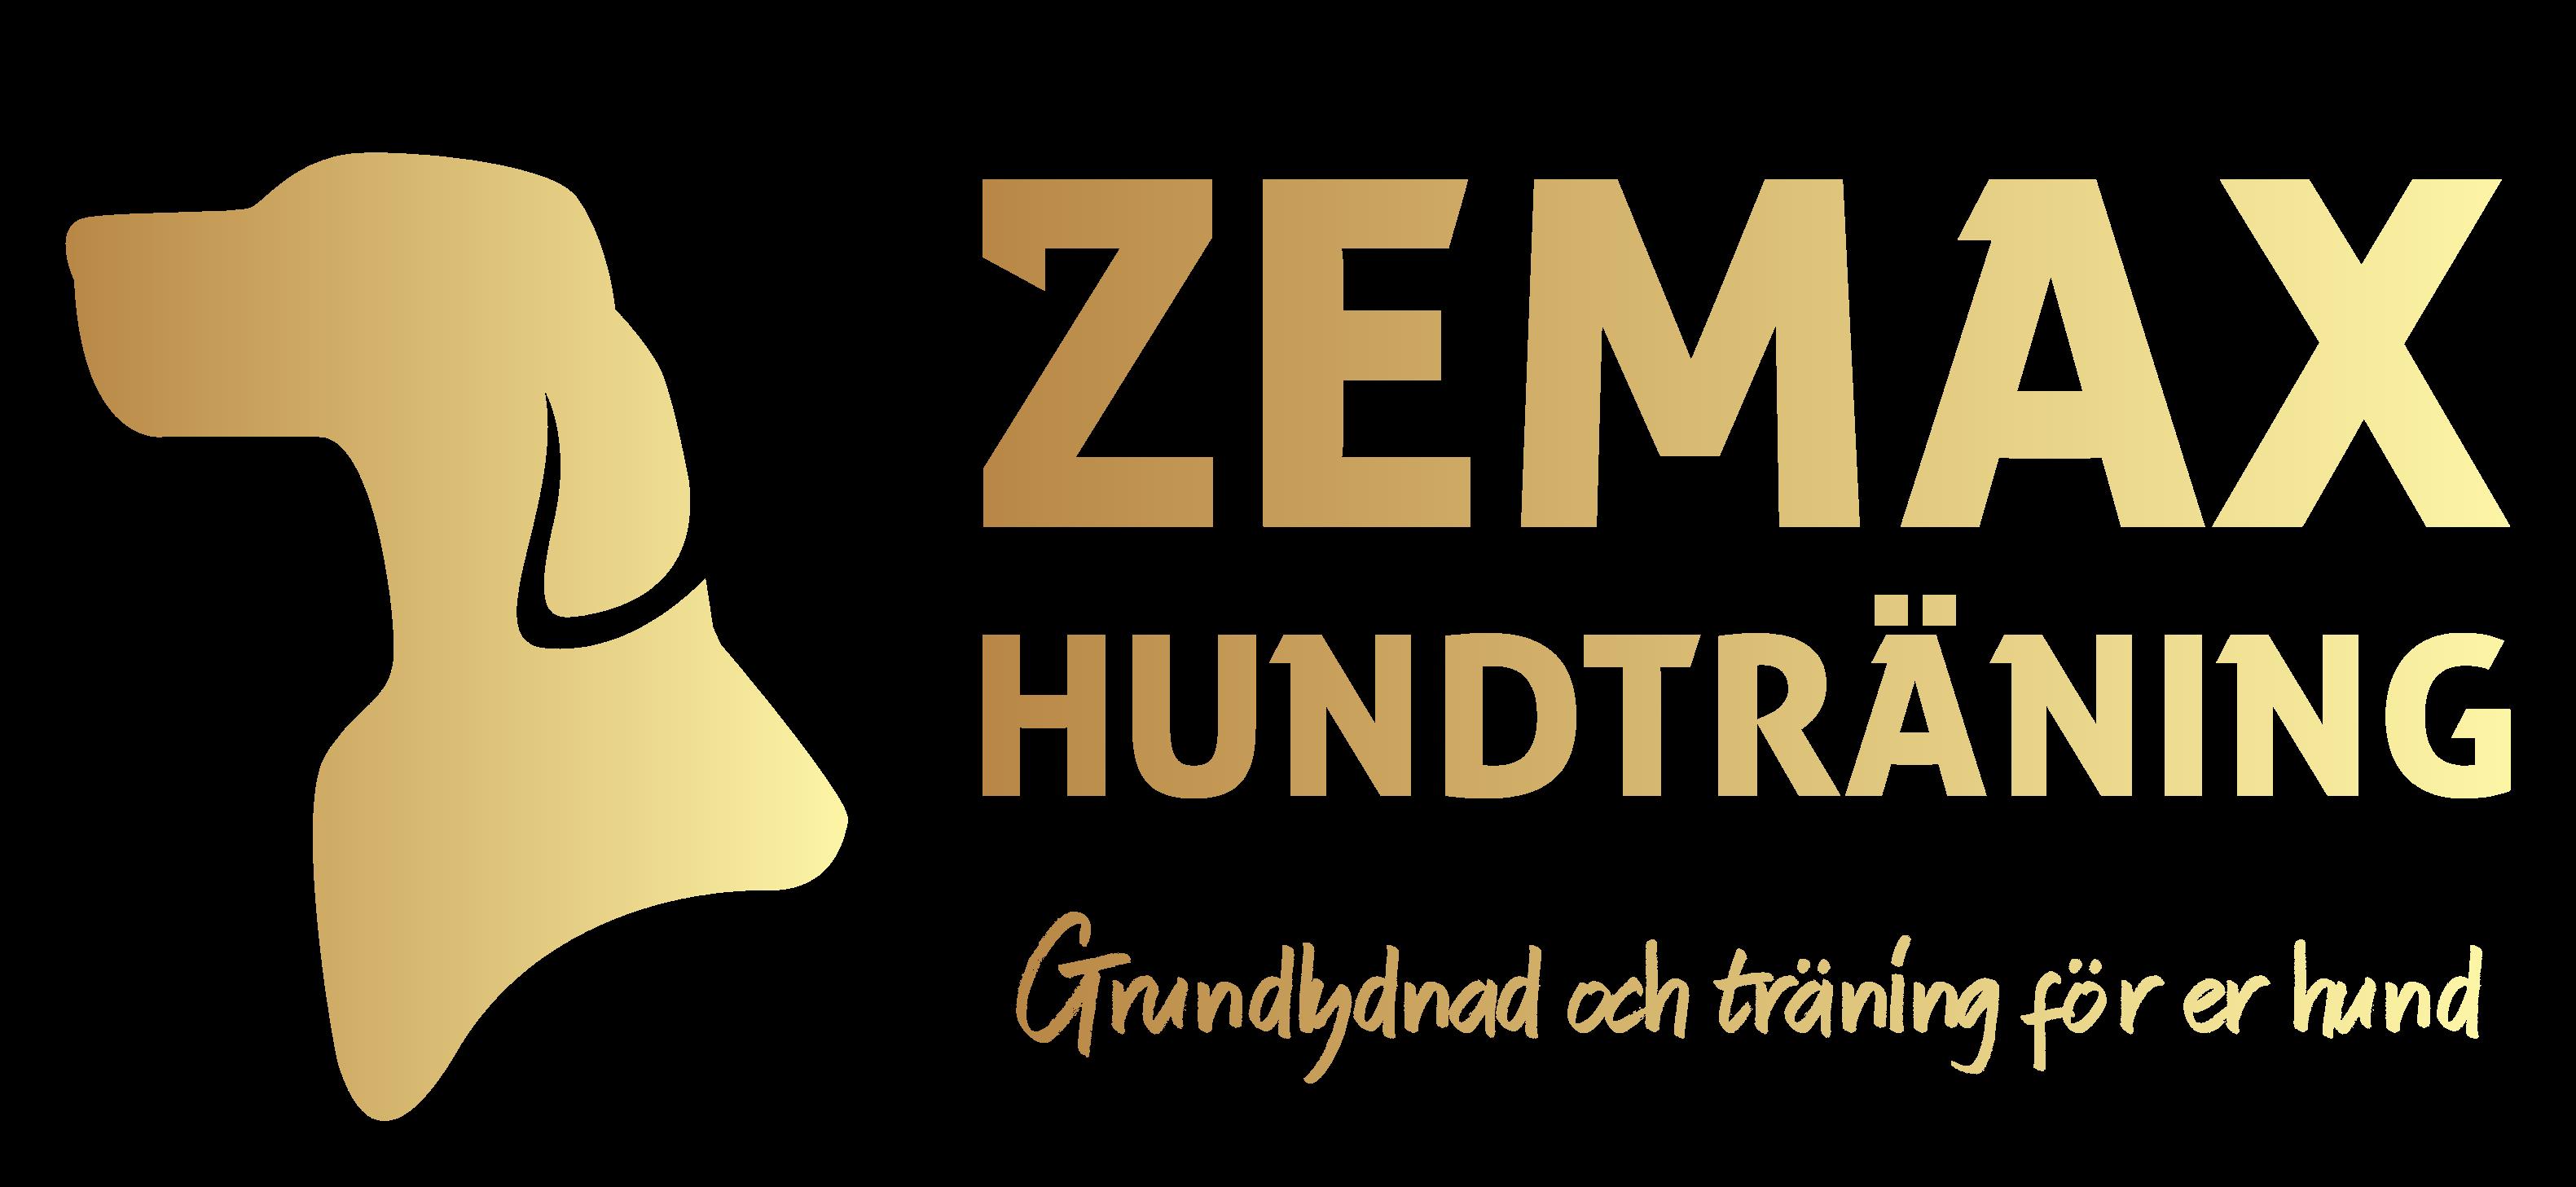 Zemax Hundträning